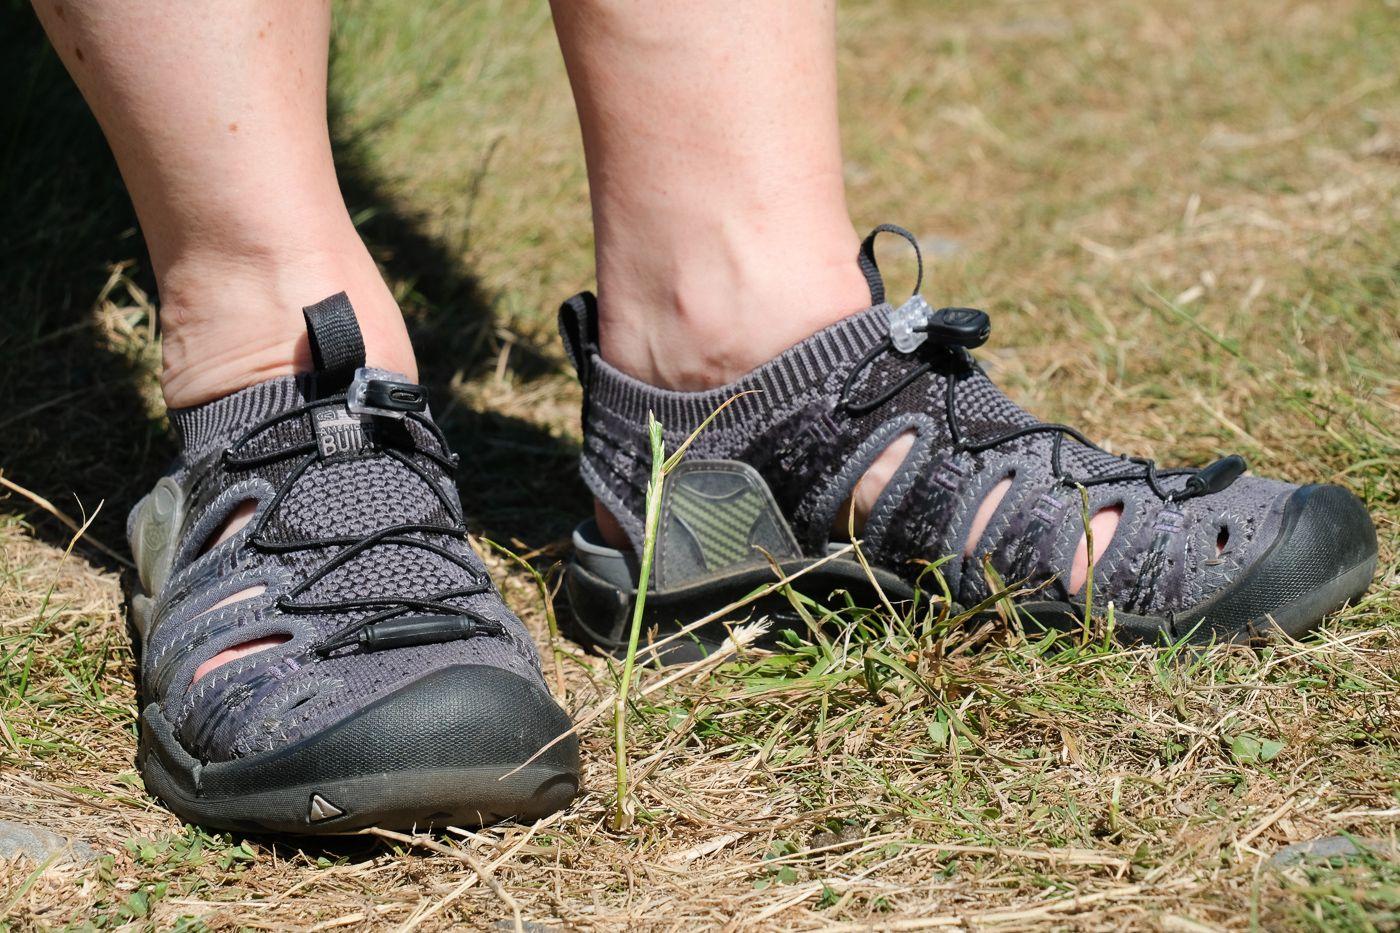 Gear Review: Keen Evofit sandals